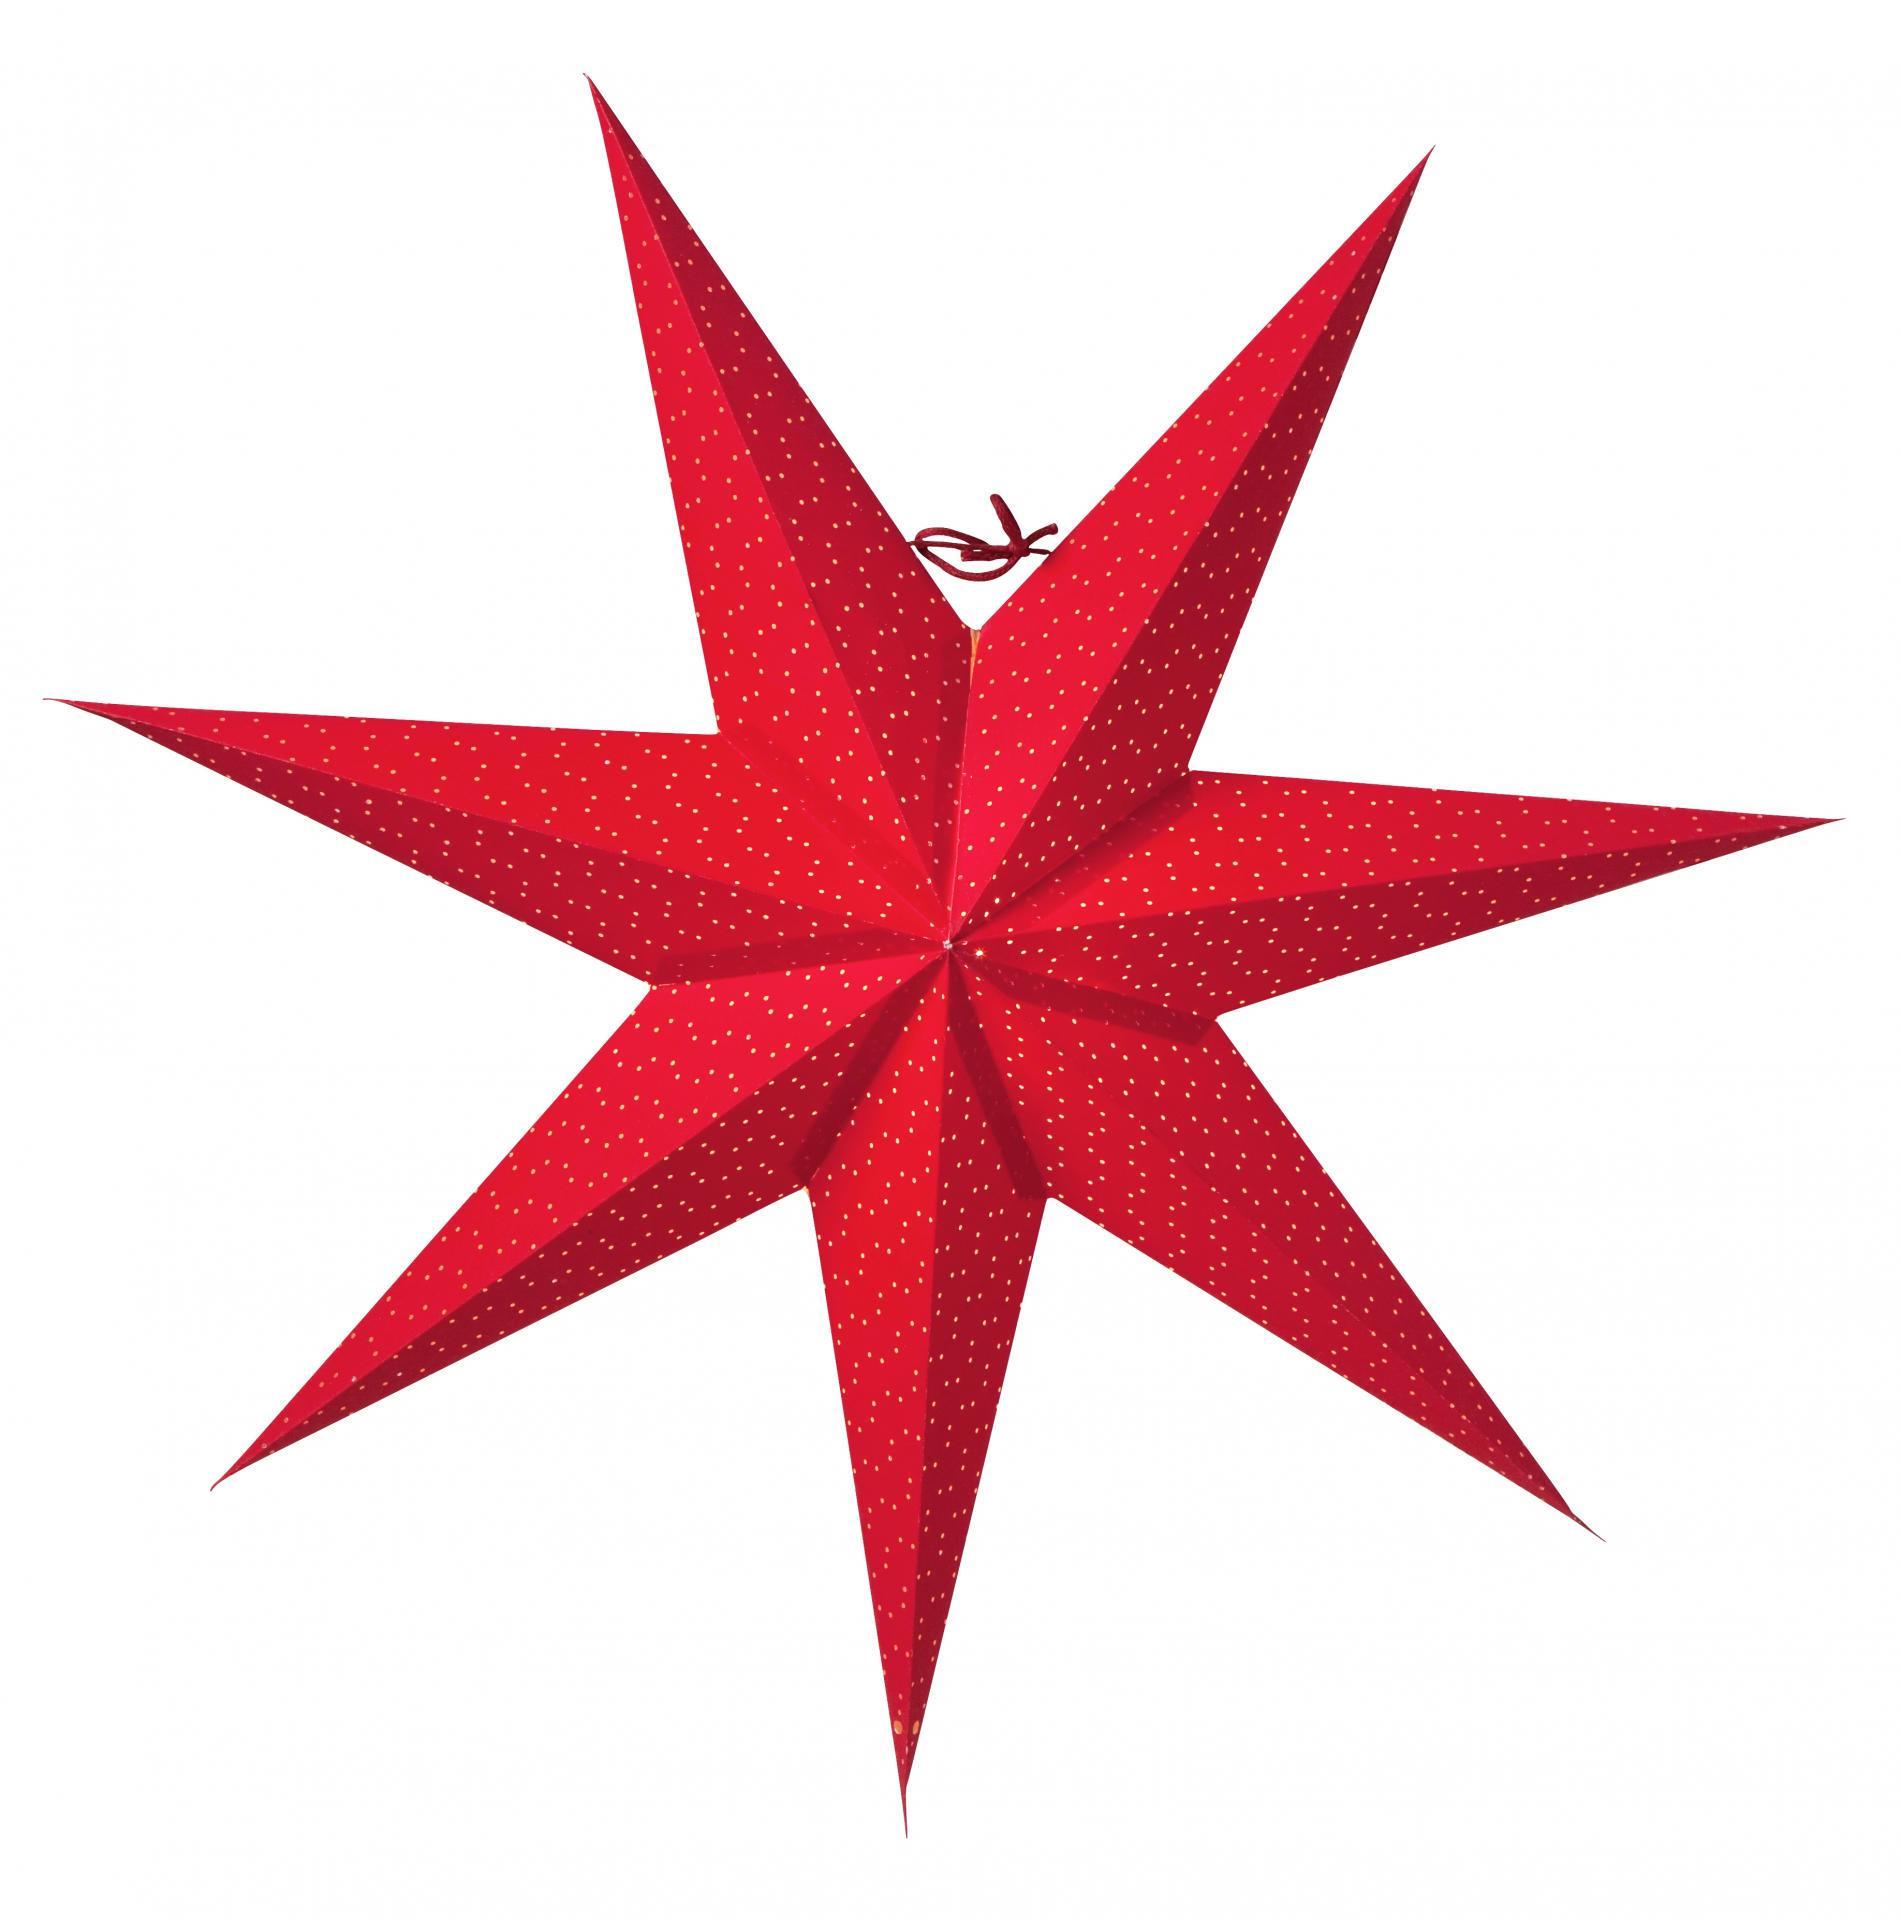 watt & VEKE Závěsná svítící hvězda Aino Red 60 cm, červená barva, papír